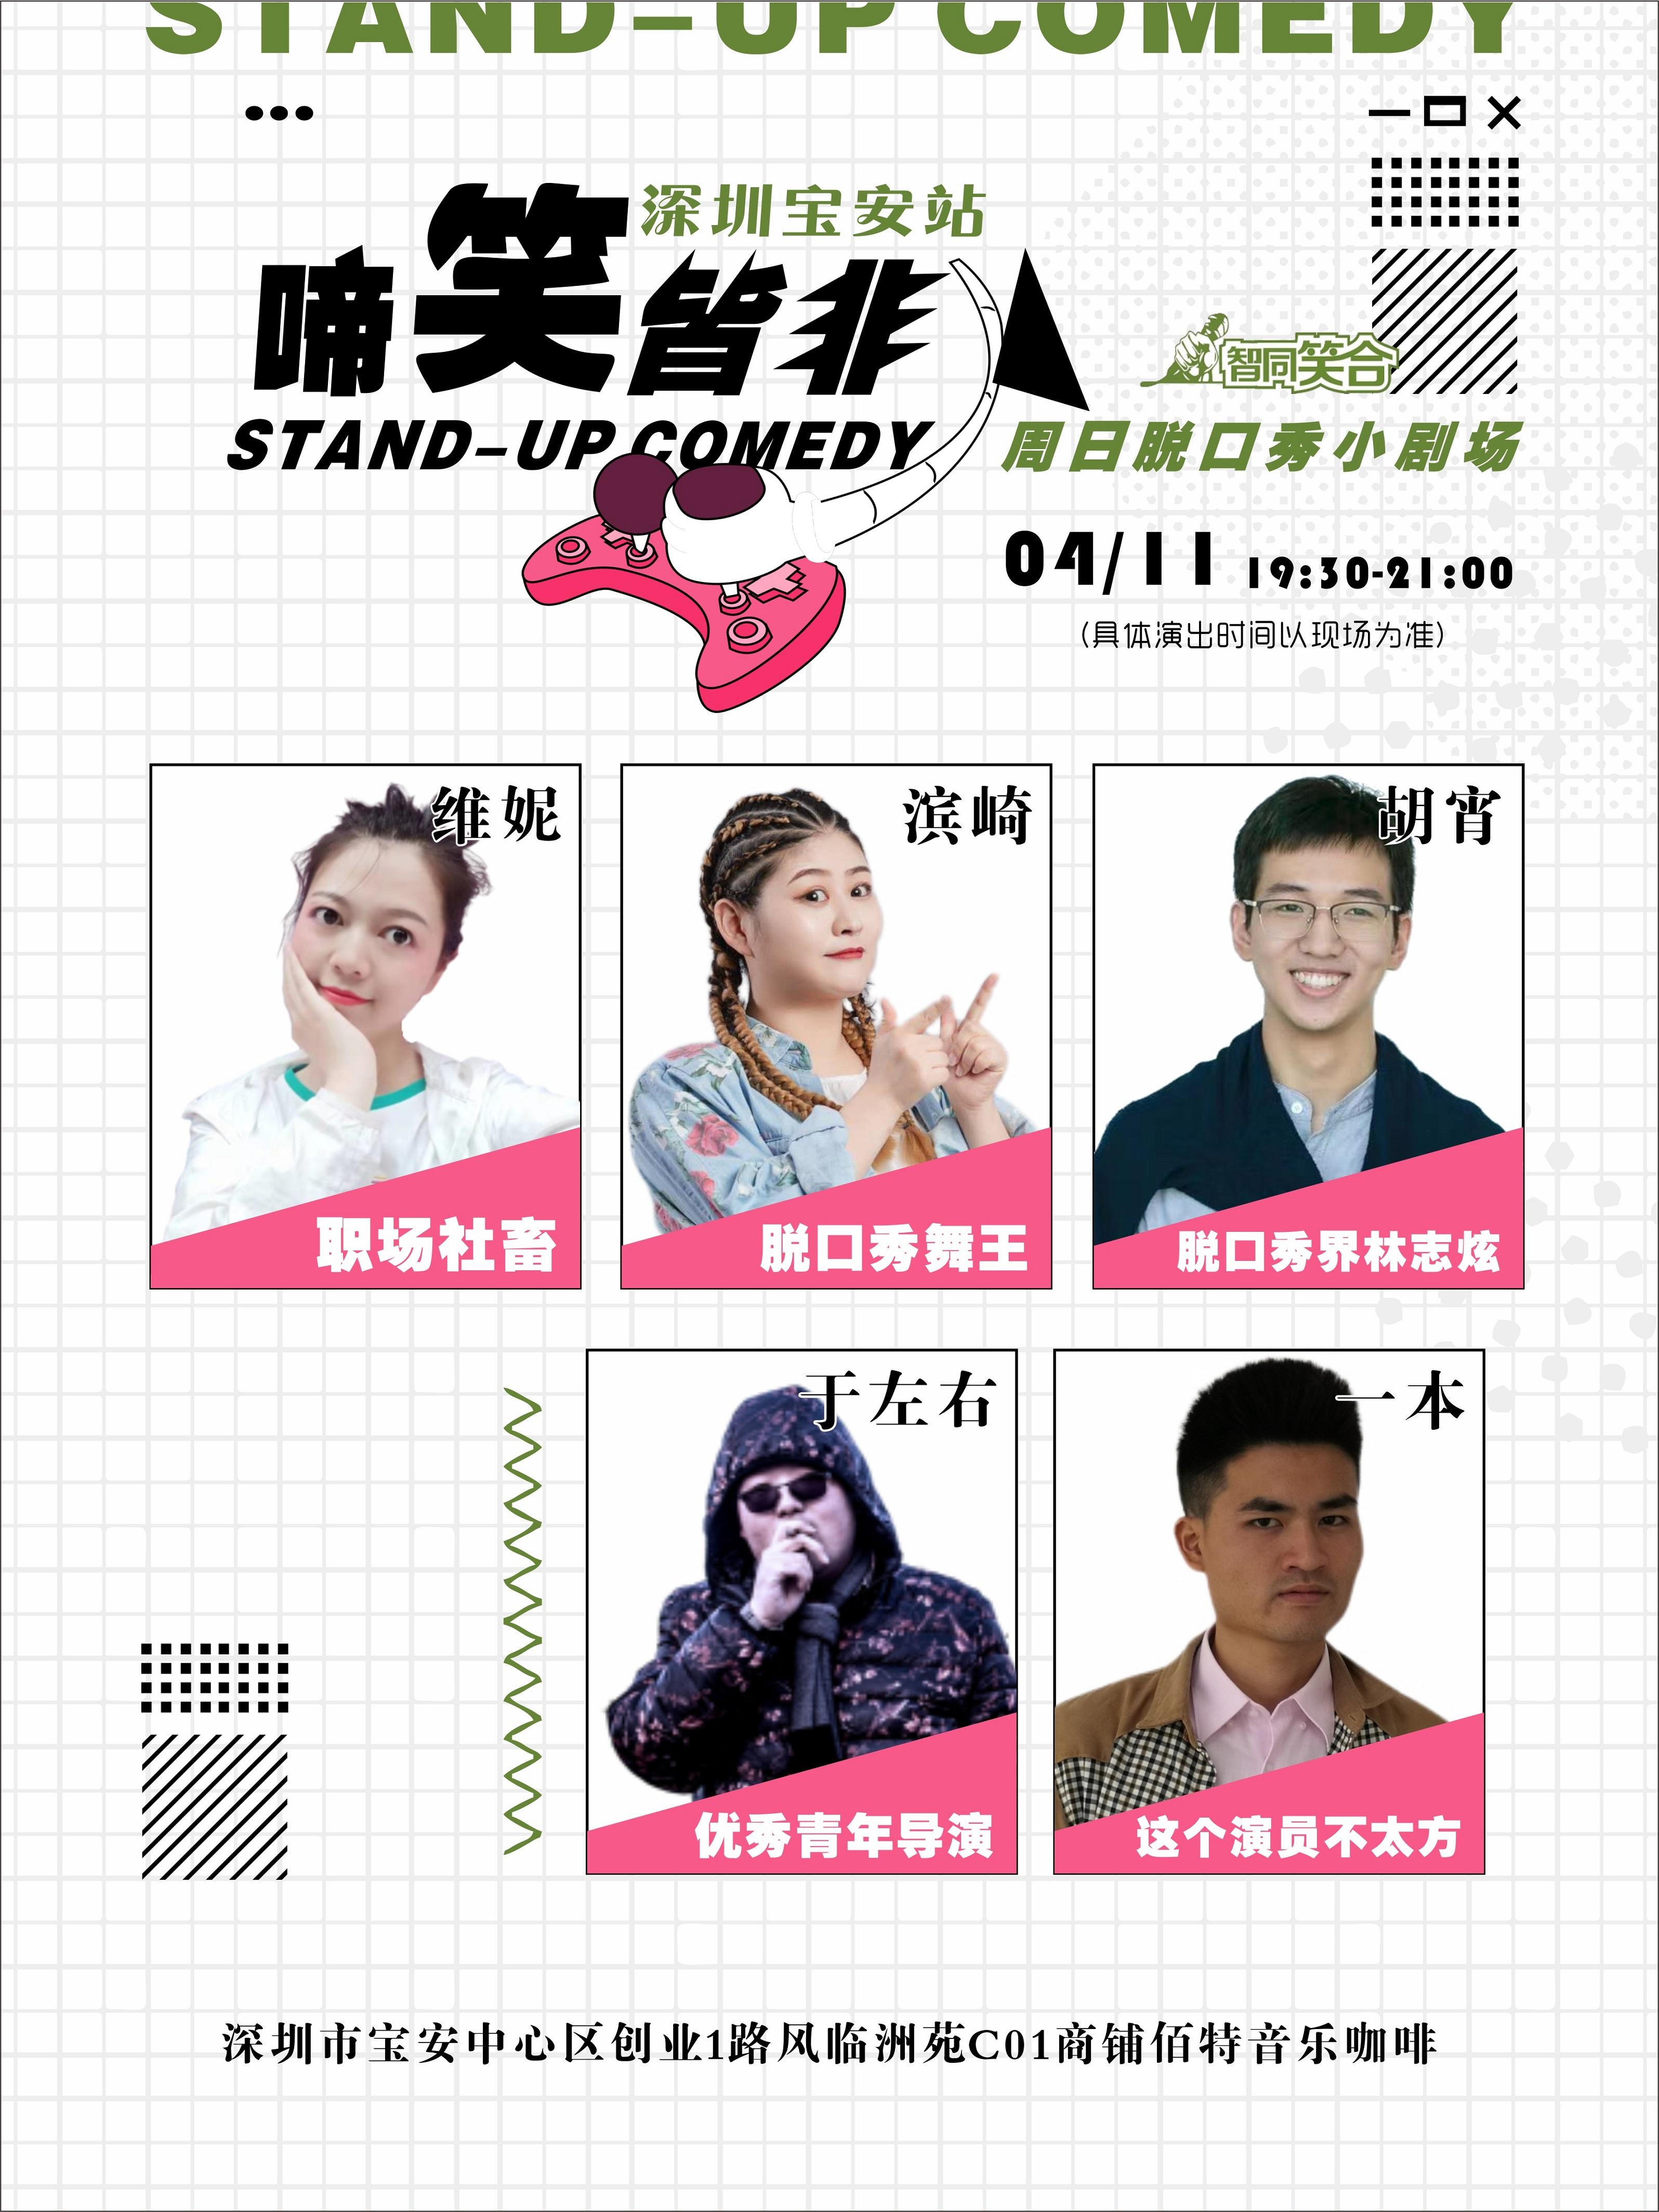 深圳智同笑合每周日晚脱口秀小剧场宝安中心站